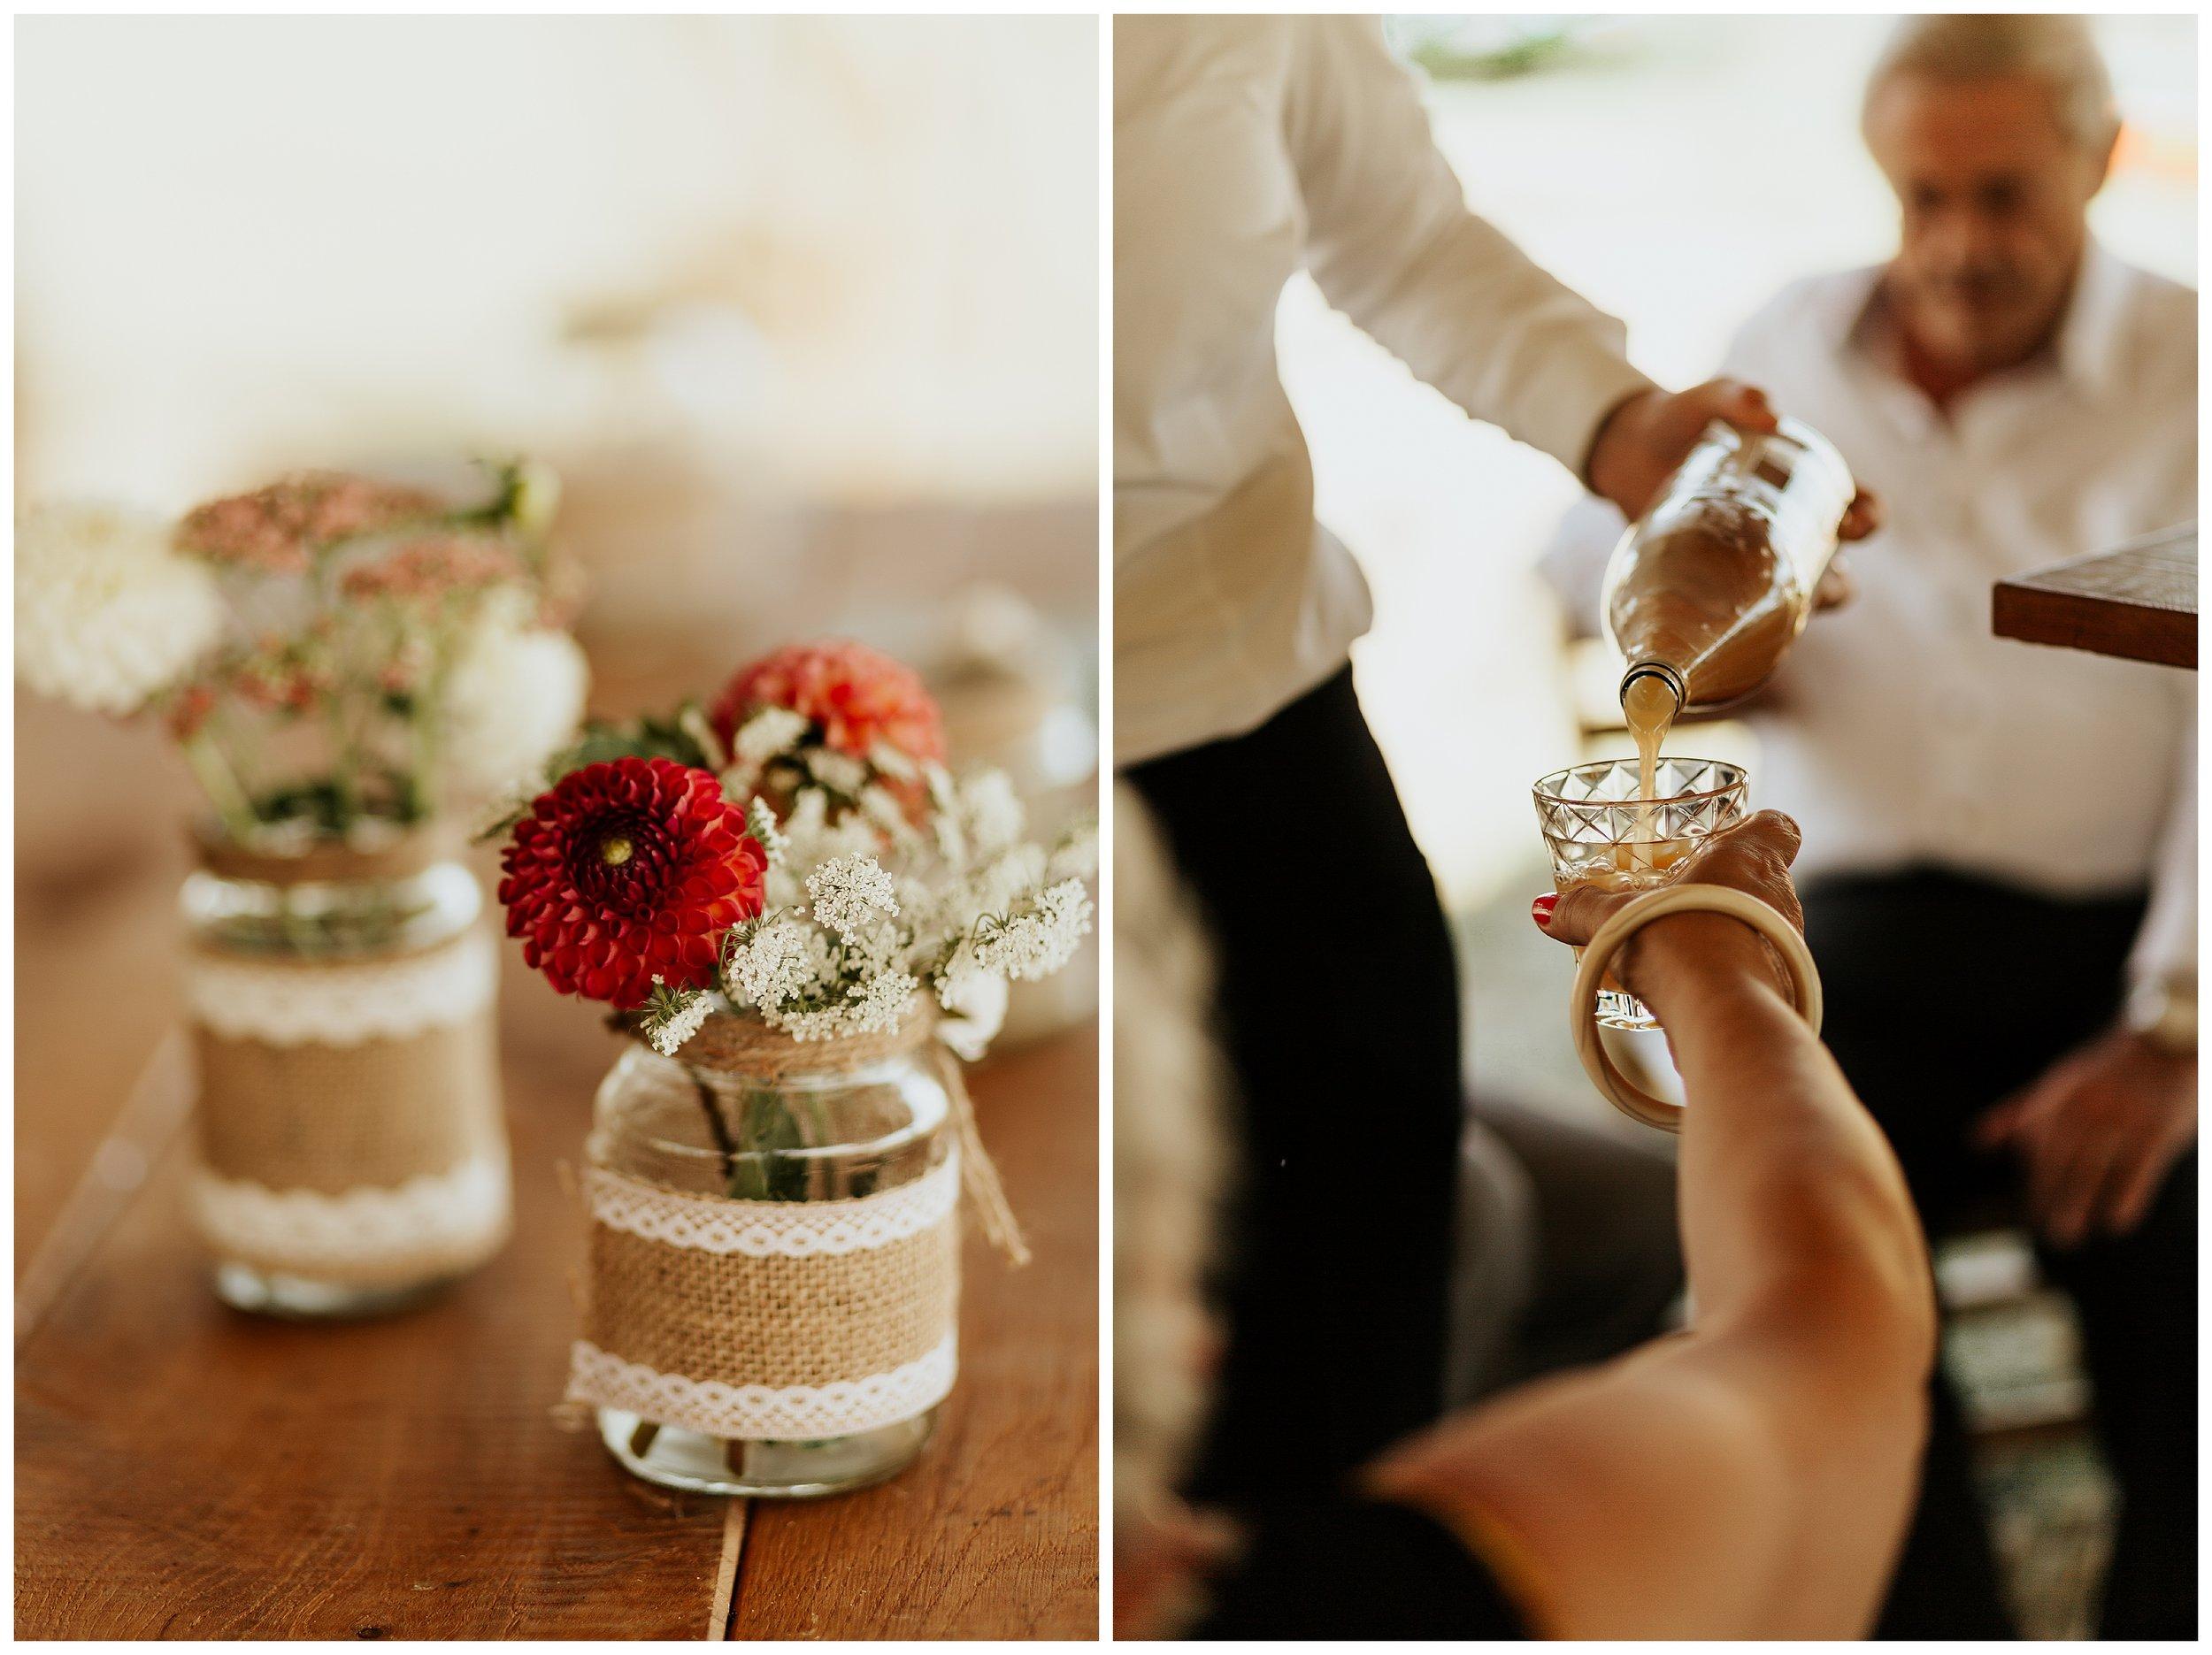 huwelijksfotograaf-huwelijksfotografie-knokke-heist-lisa-helsen-photography-trouwfotograaf-trouwfoto-sabine-pieter_0014.jpg